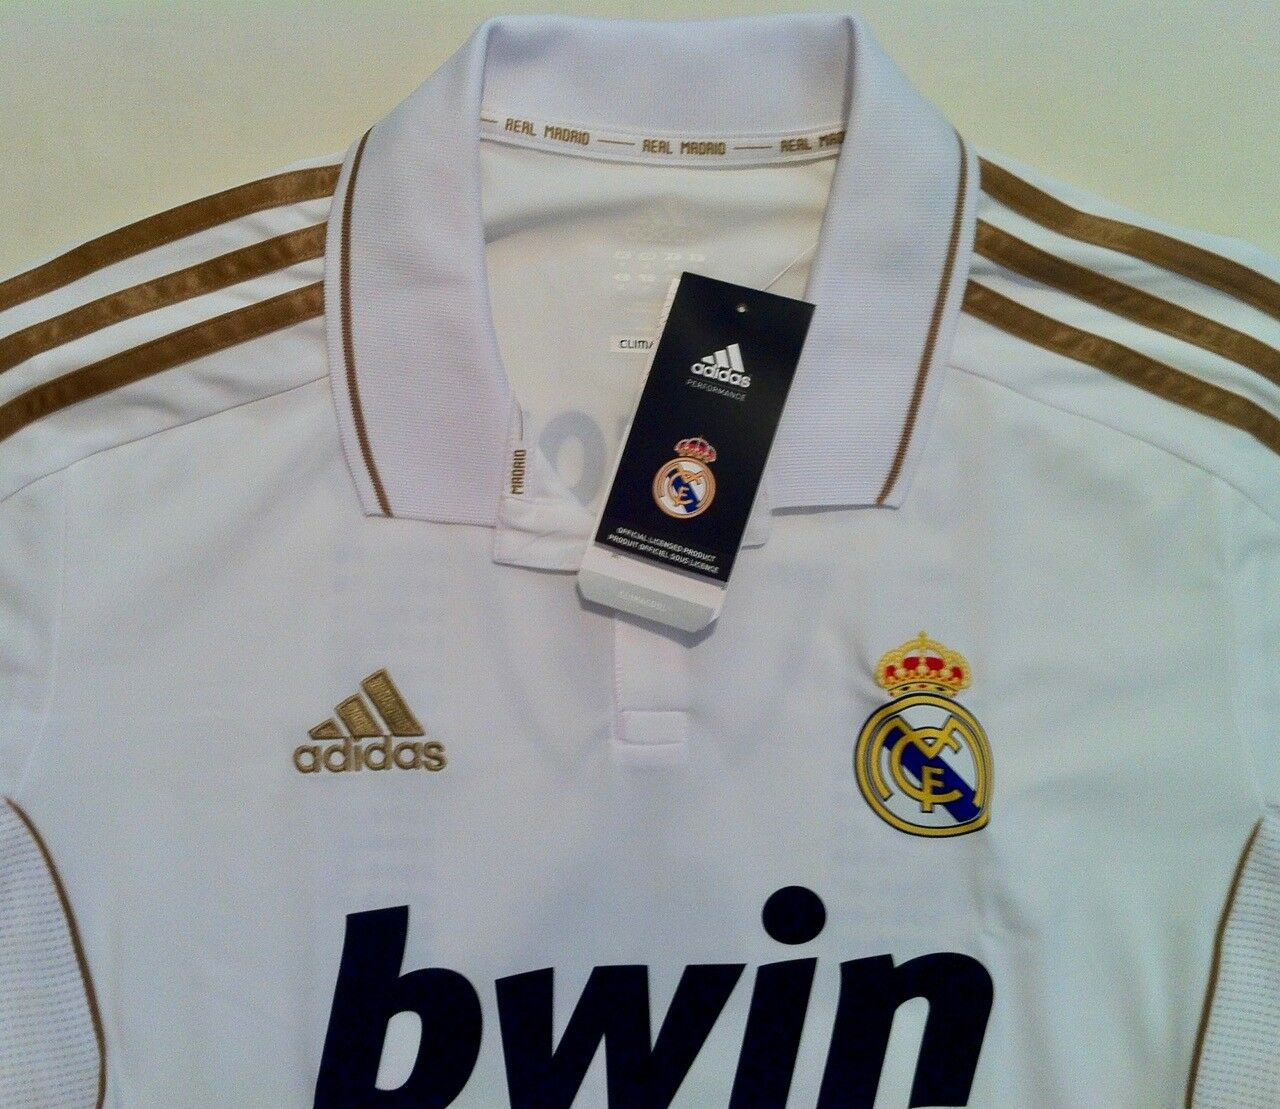 Camiseta conmemorativa del Real Madrid como campeón campeón campeón de Liga 2011 2012 (Dimensione M) 097b67